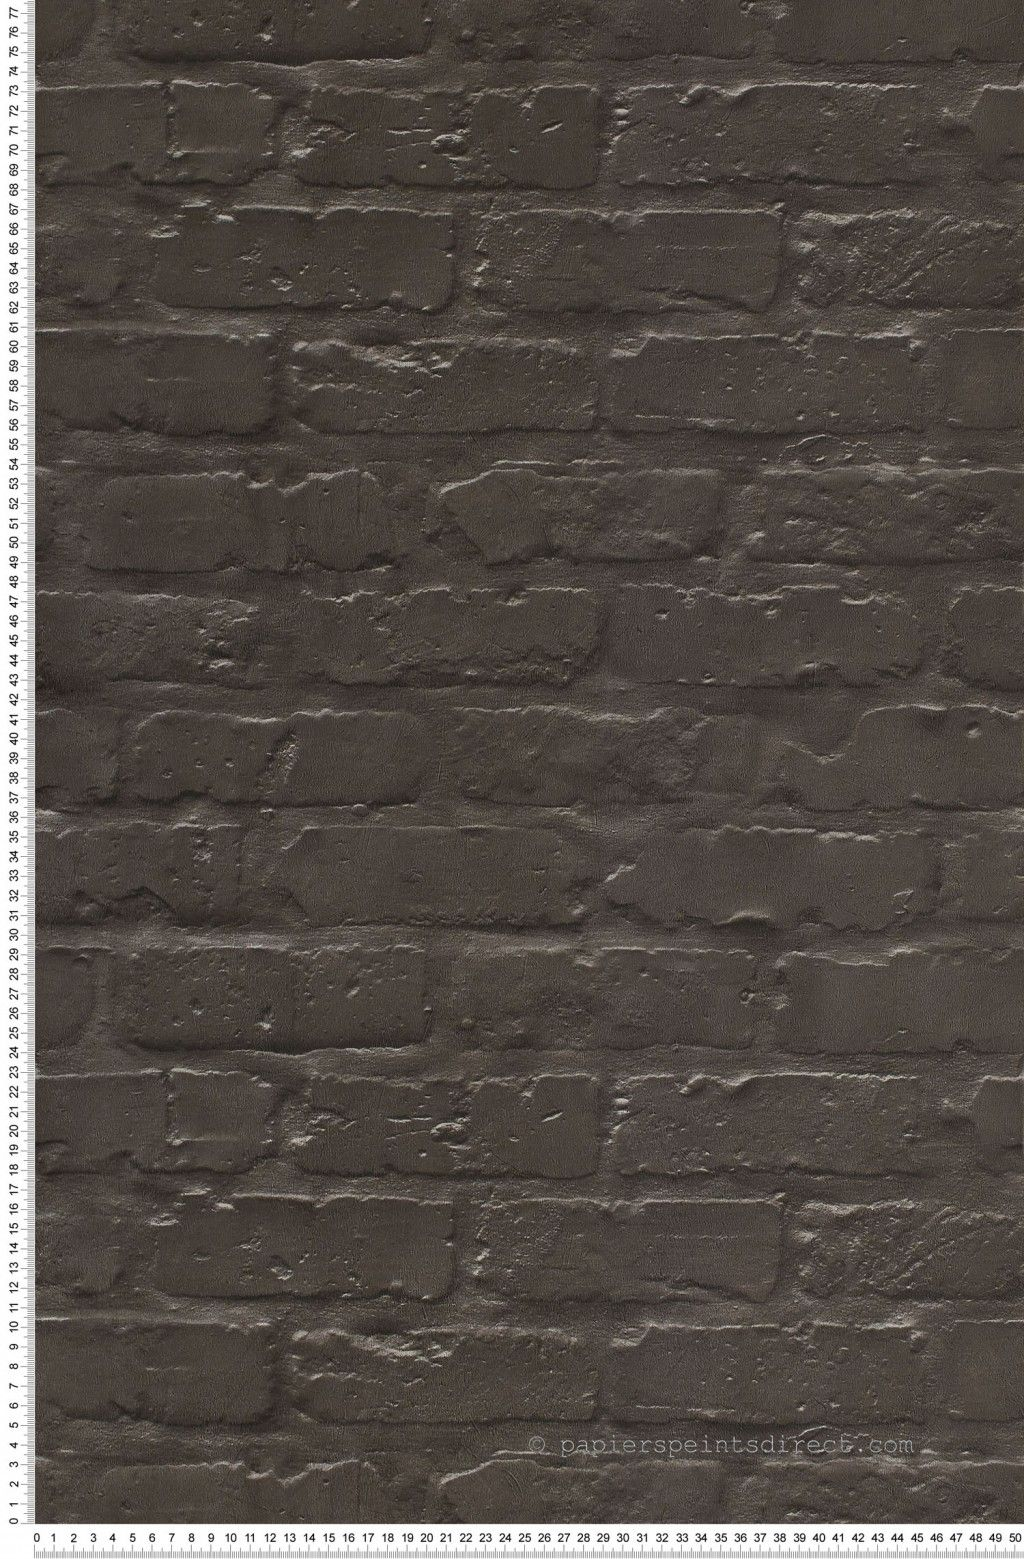 mur en briques gris anthracite papier peint authentic de montecolino mur couleur pinterest. Black Bedroom Furniture Sets. Home Design Ideas